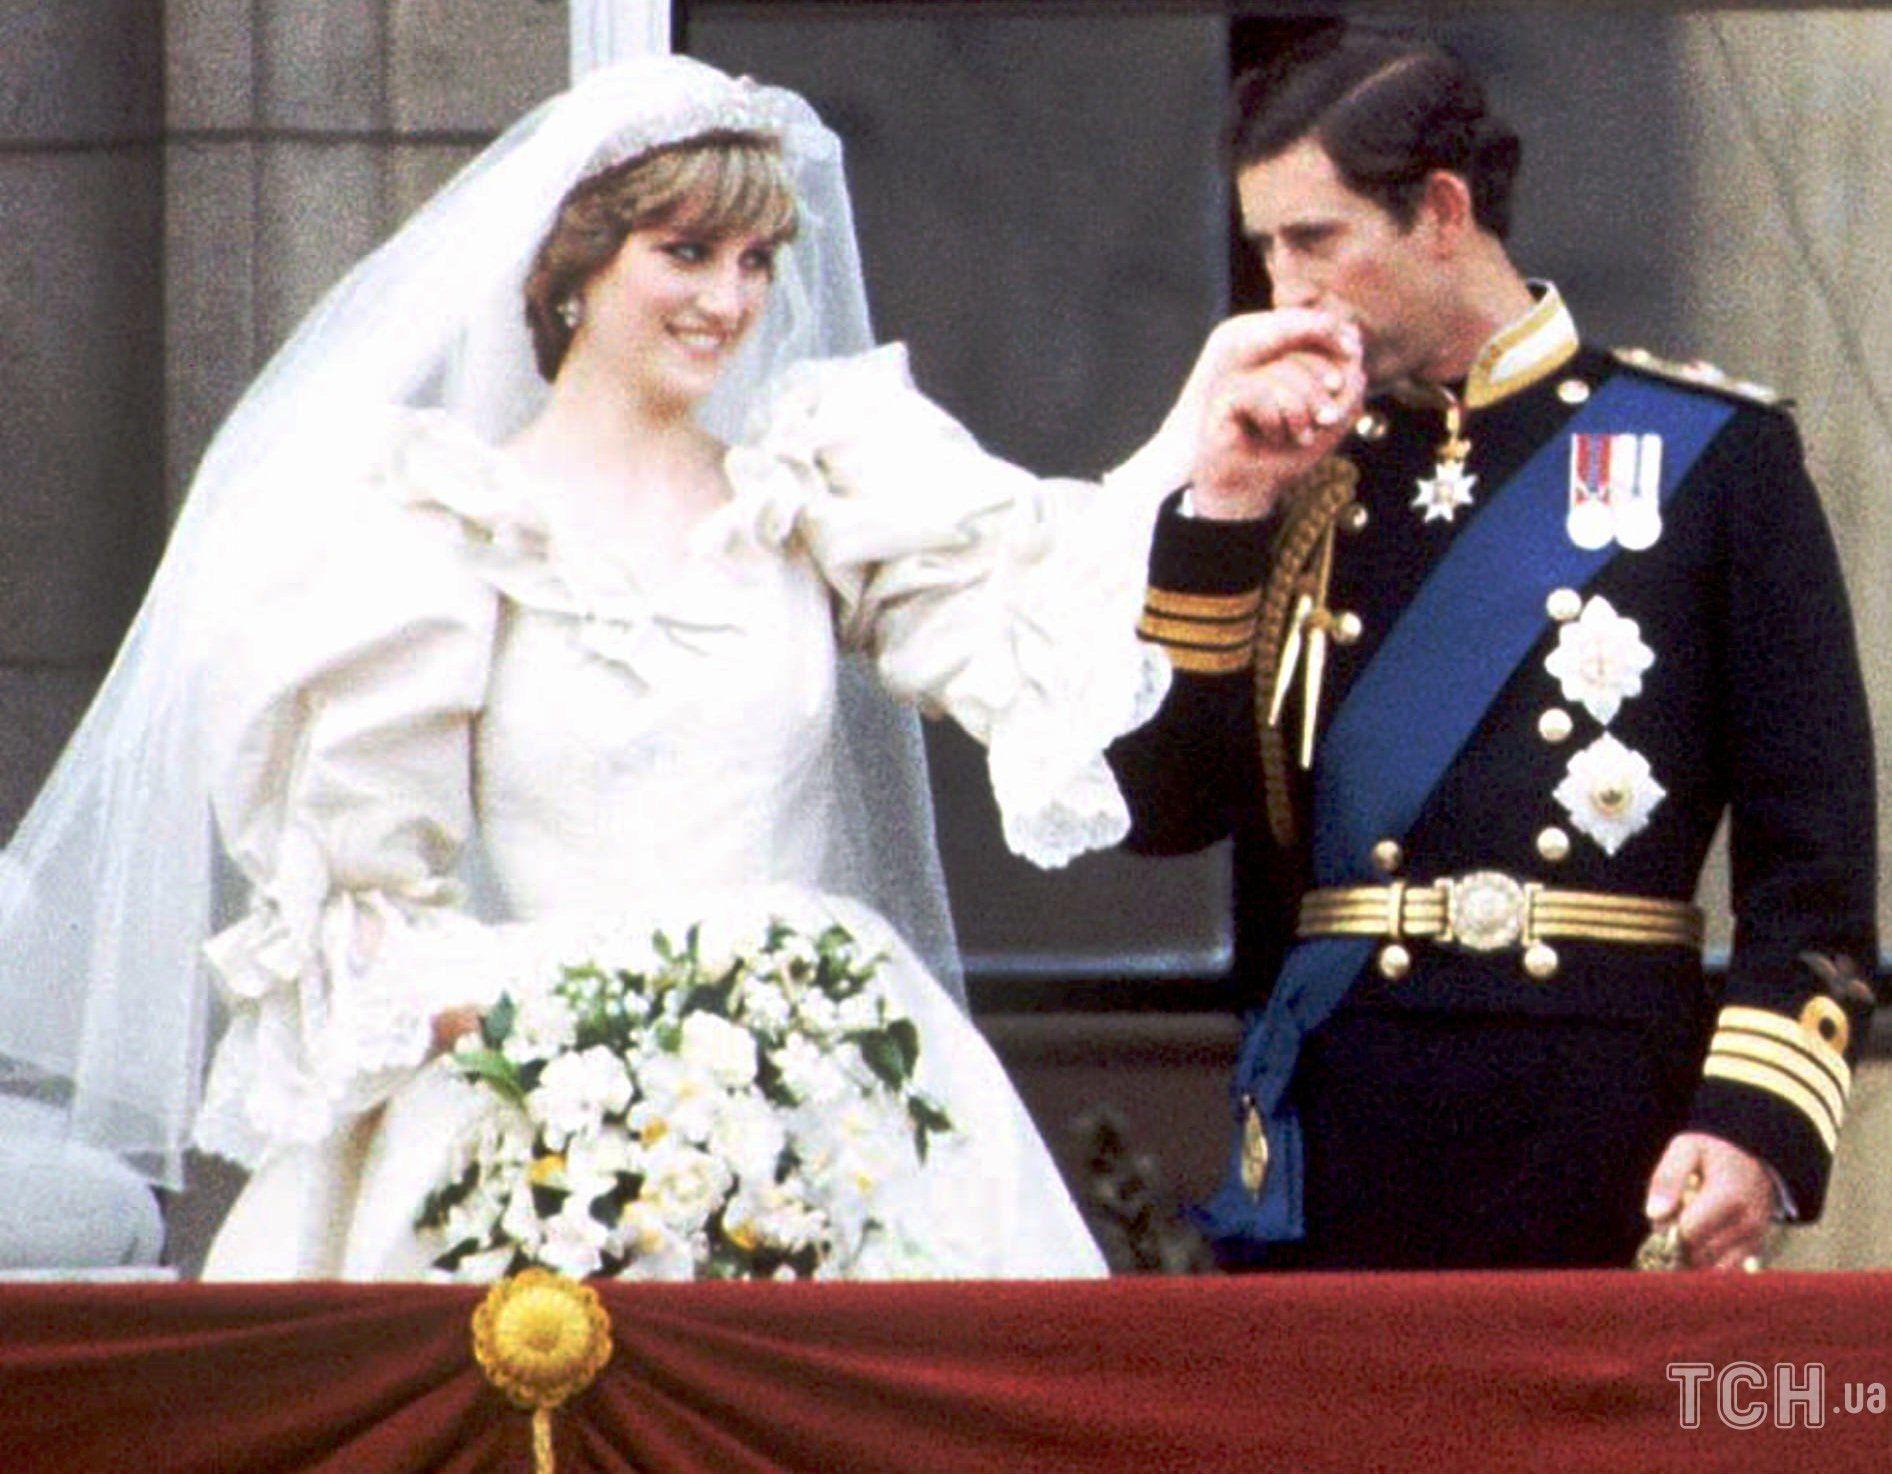 Свадьба принцессы Дианы и принца Чарльза_11